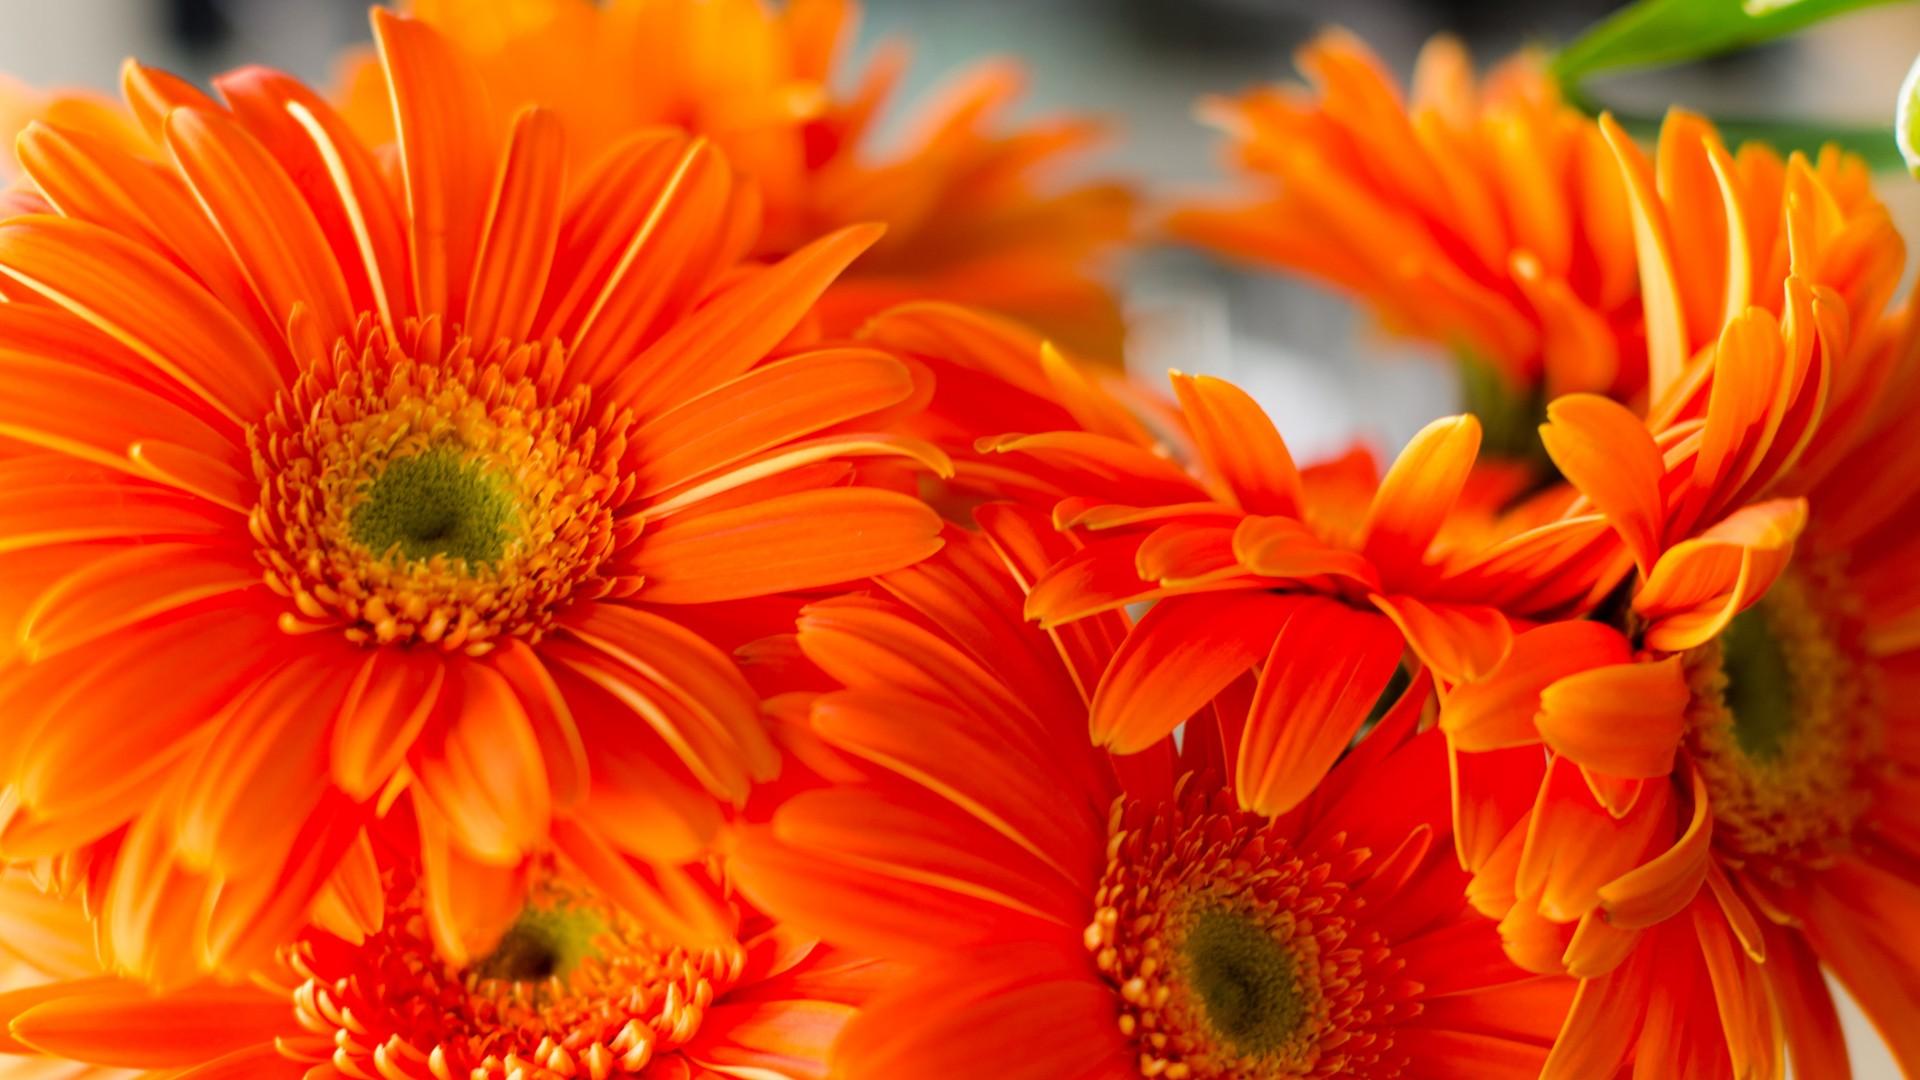 Orange daisies flowers 4k HD Wallpaper